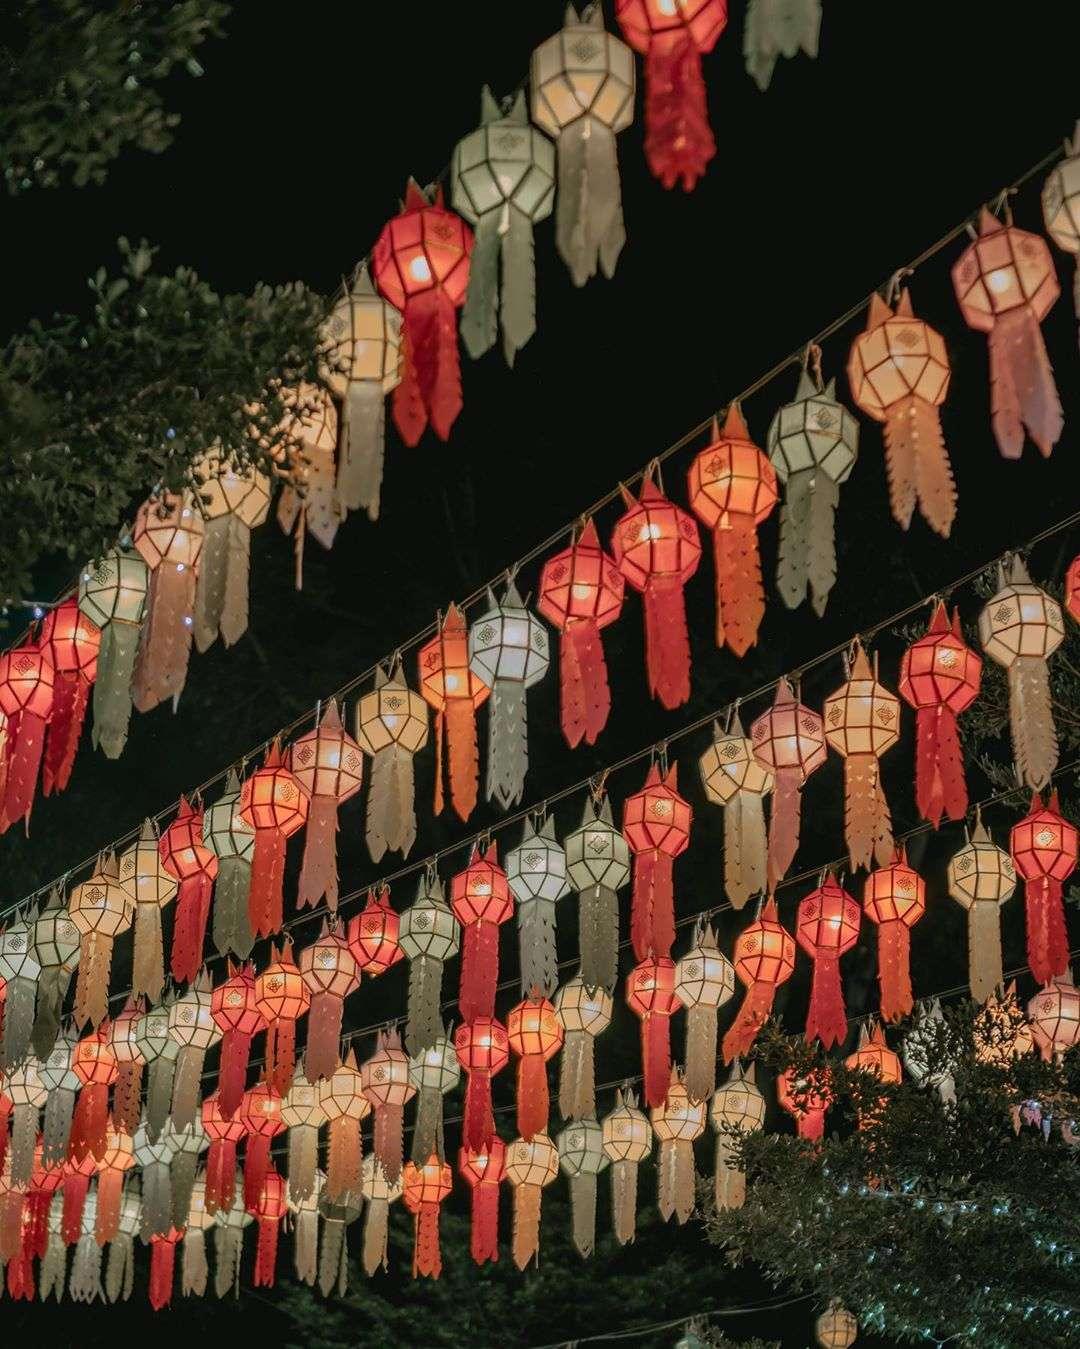 gekleurde lantaarns tijdens het Yee Peng Festival 2019